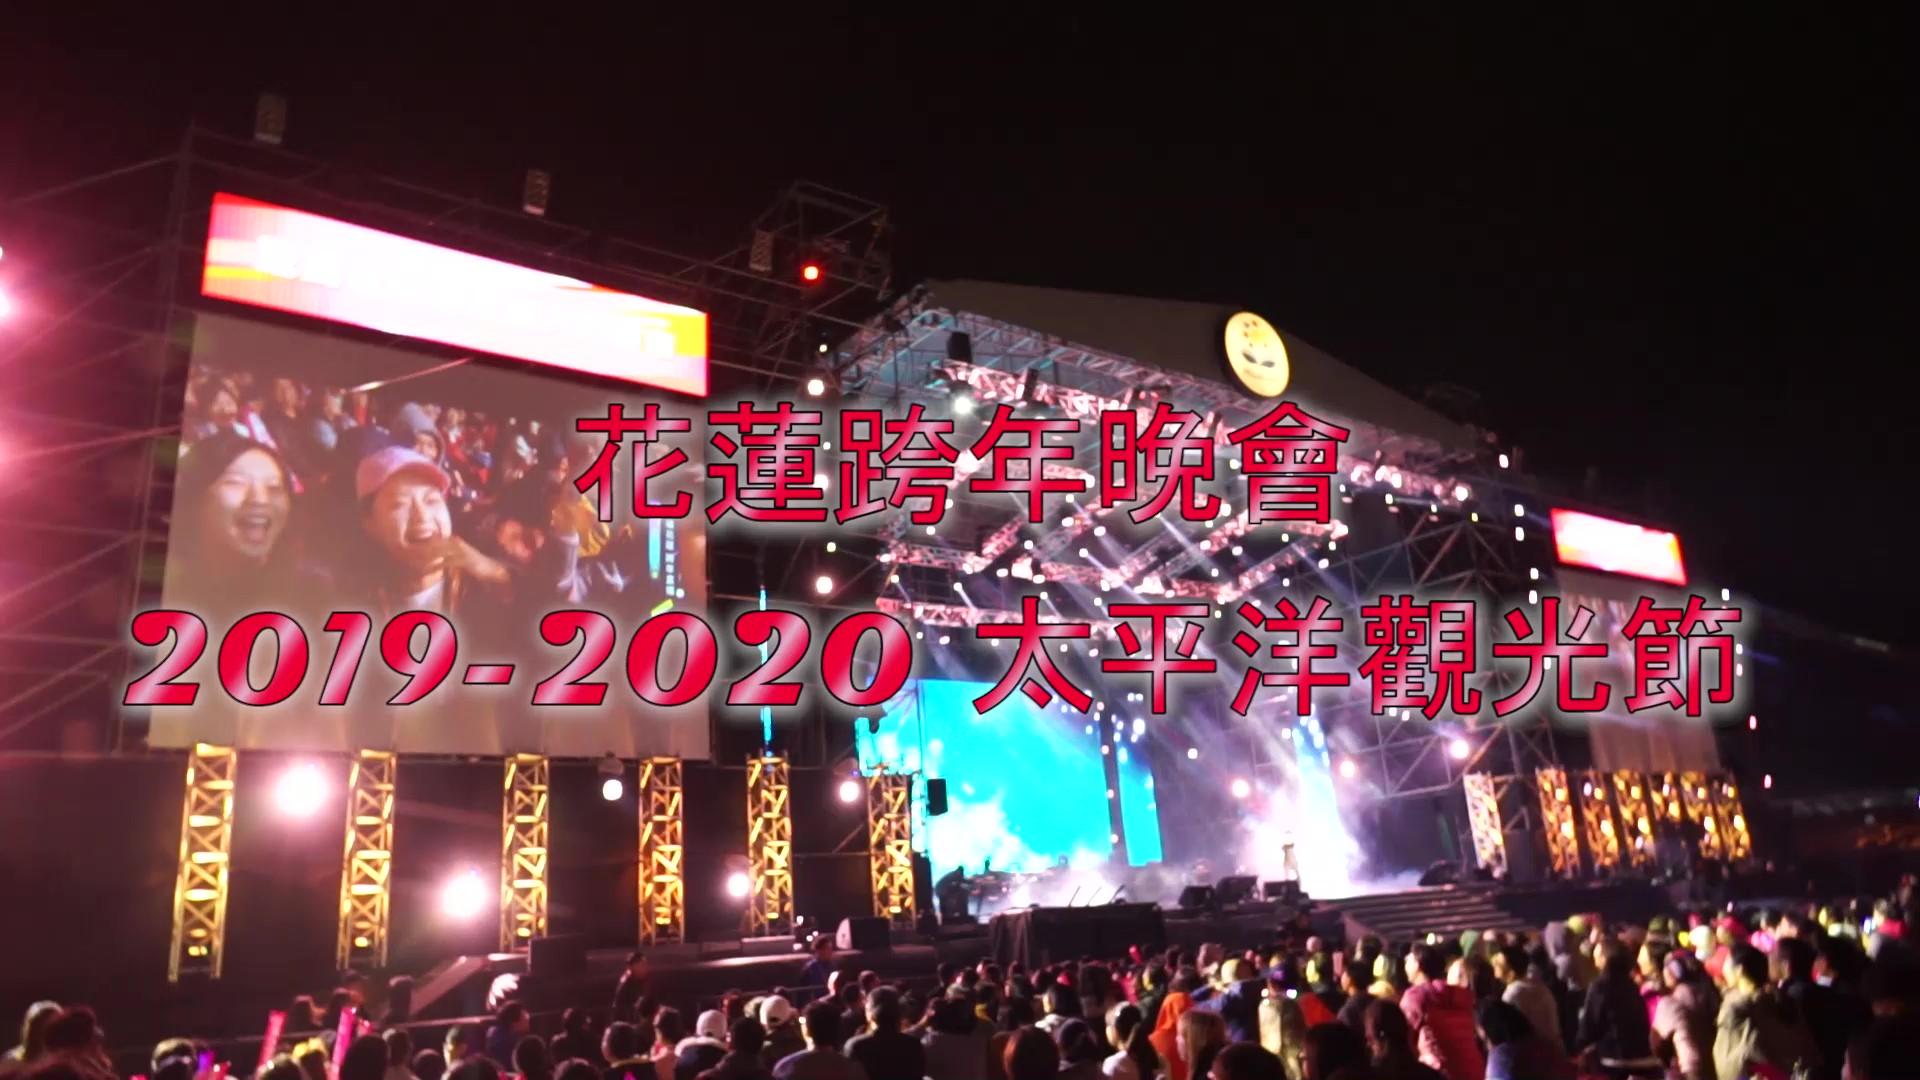 [影片]2019-2020 花蓮跨年演唱會 太平洋觀光節  2019年終感想 2020年我來啦~ @跳躍的宅男